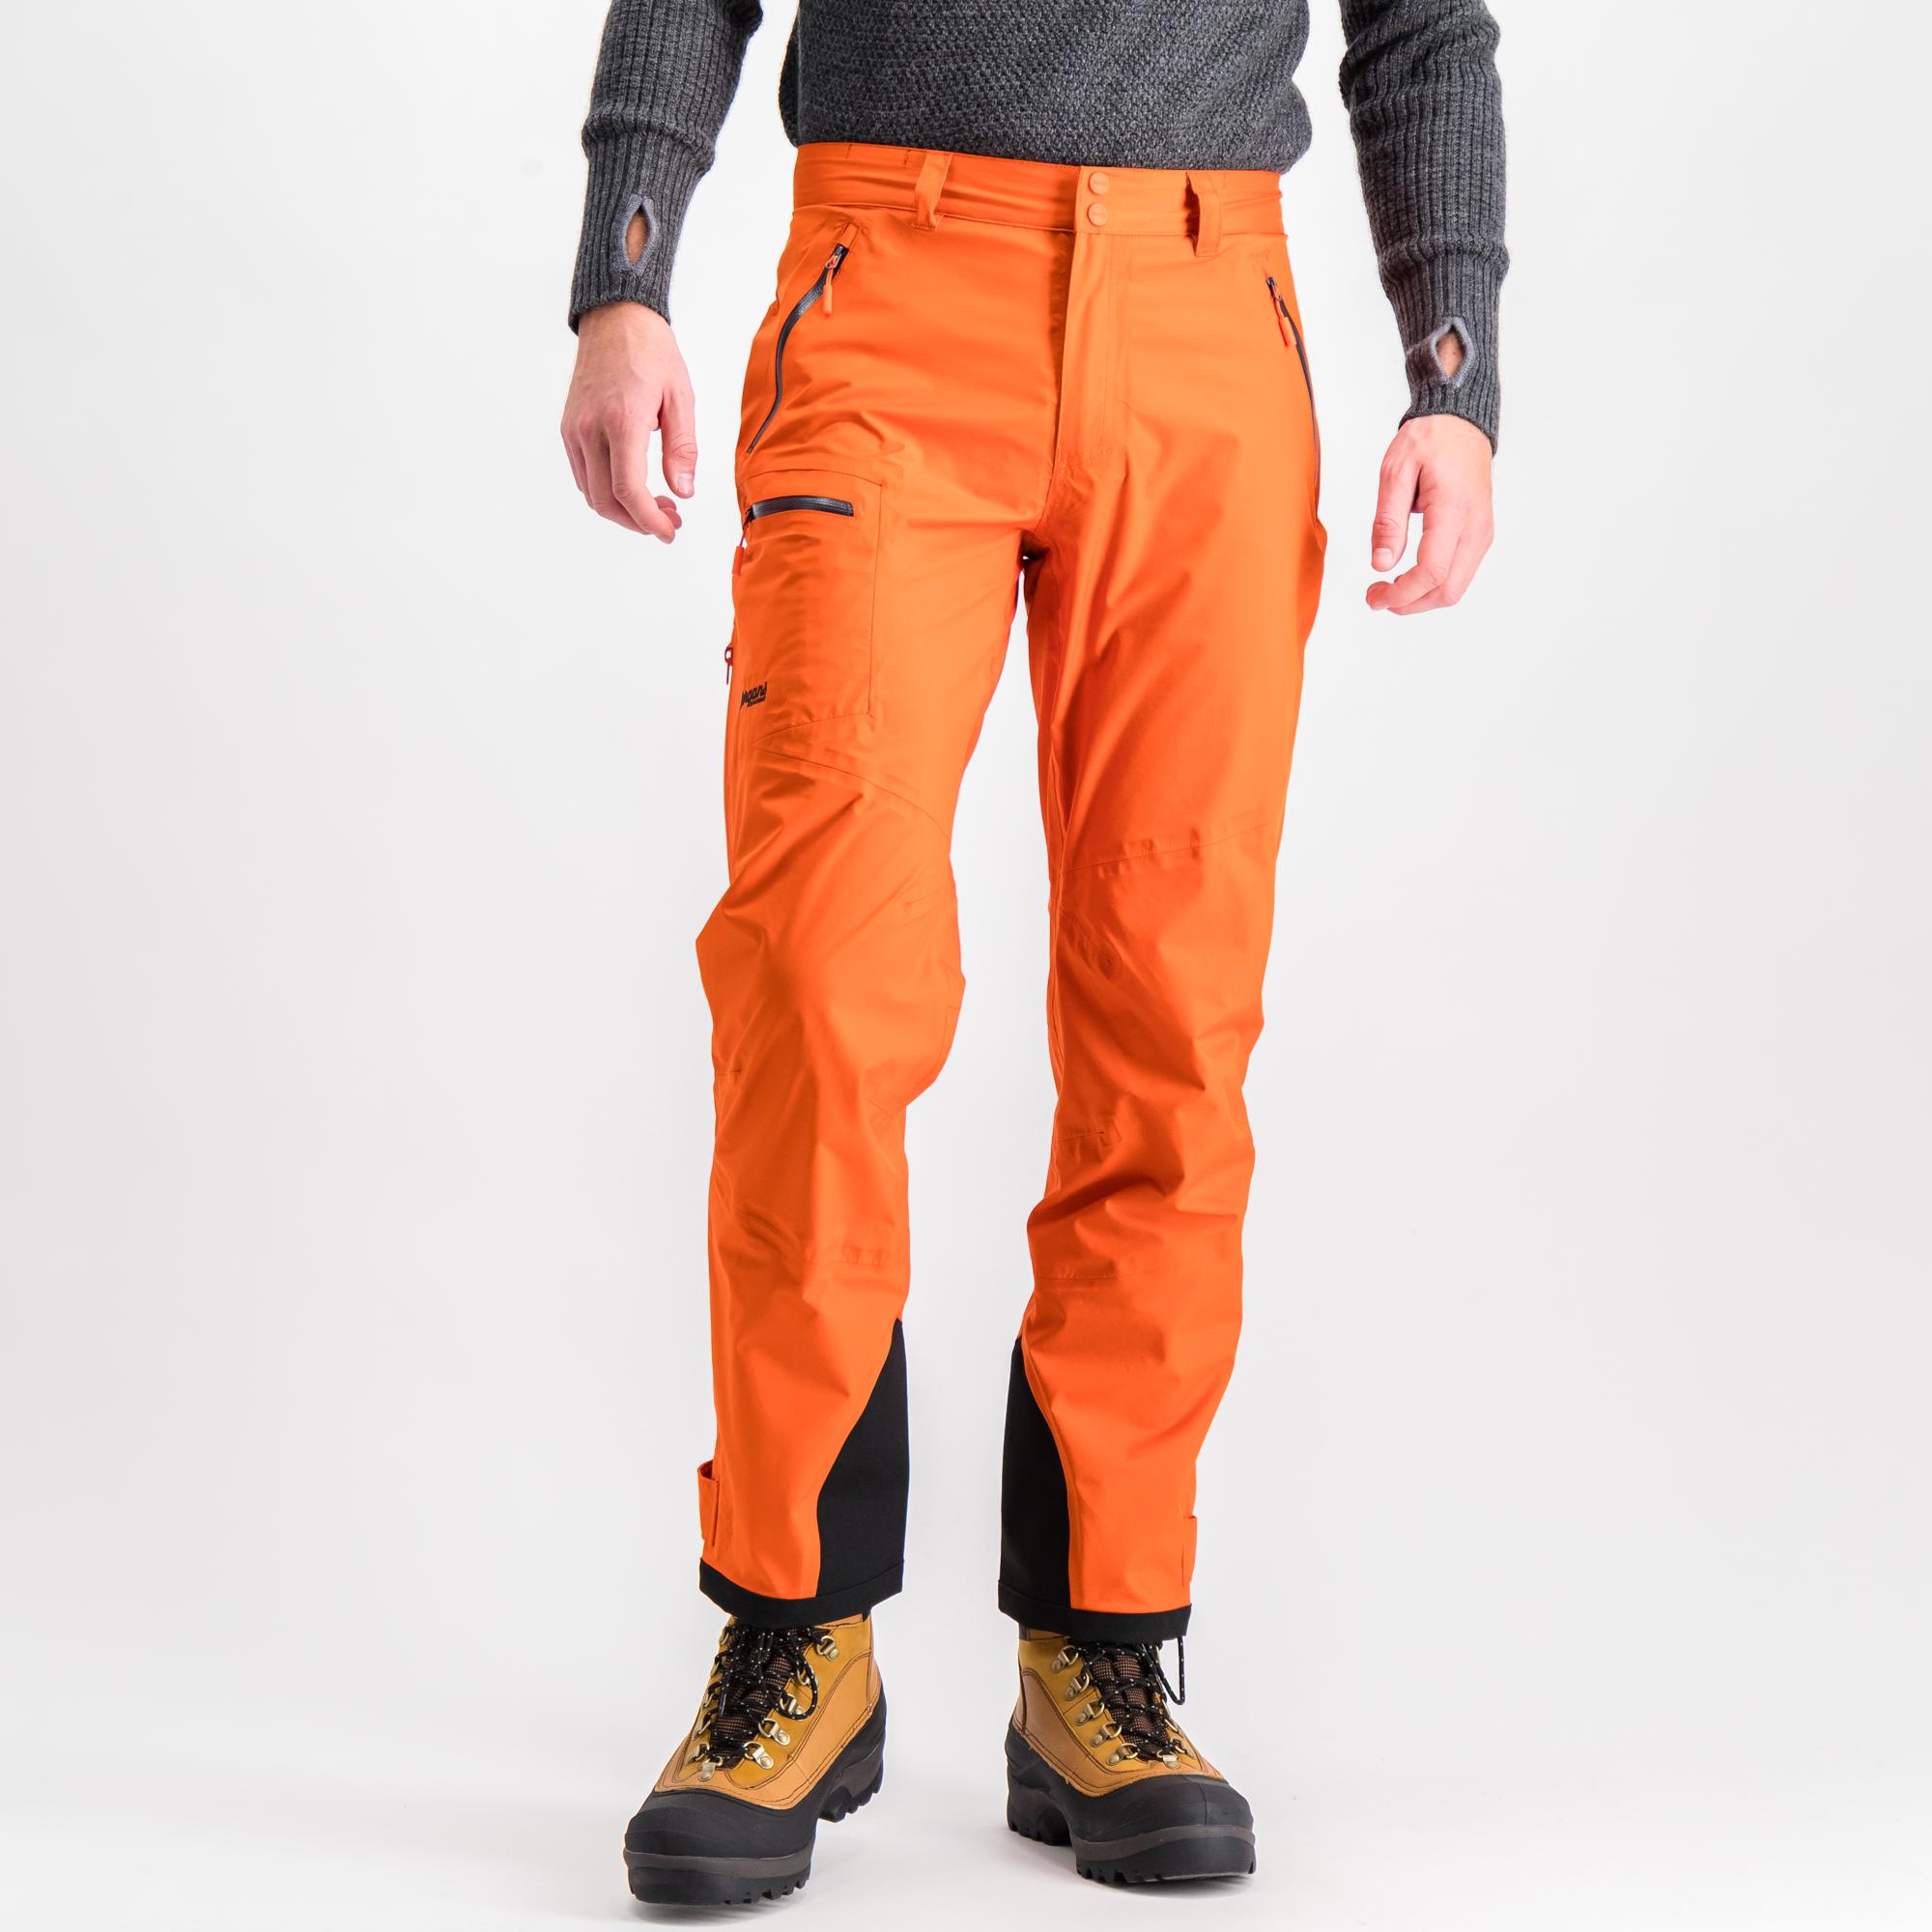 Leter du etter Herre sportsklær Bergans Hafslo lags bukse